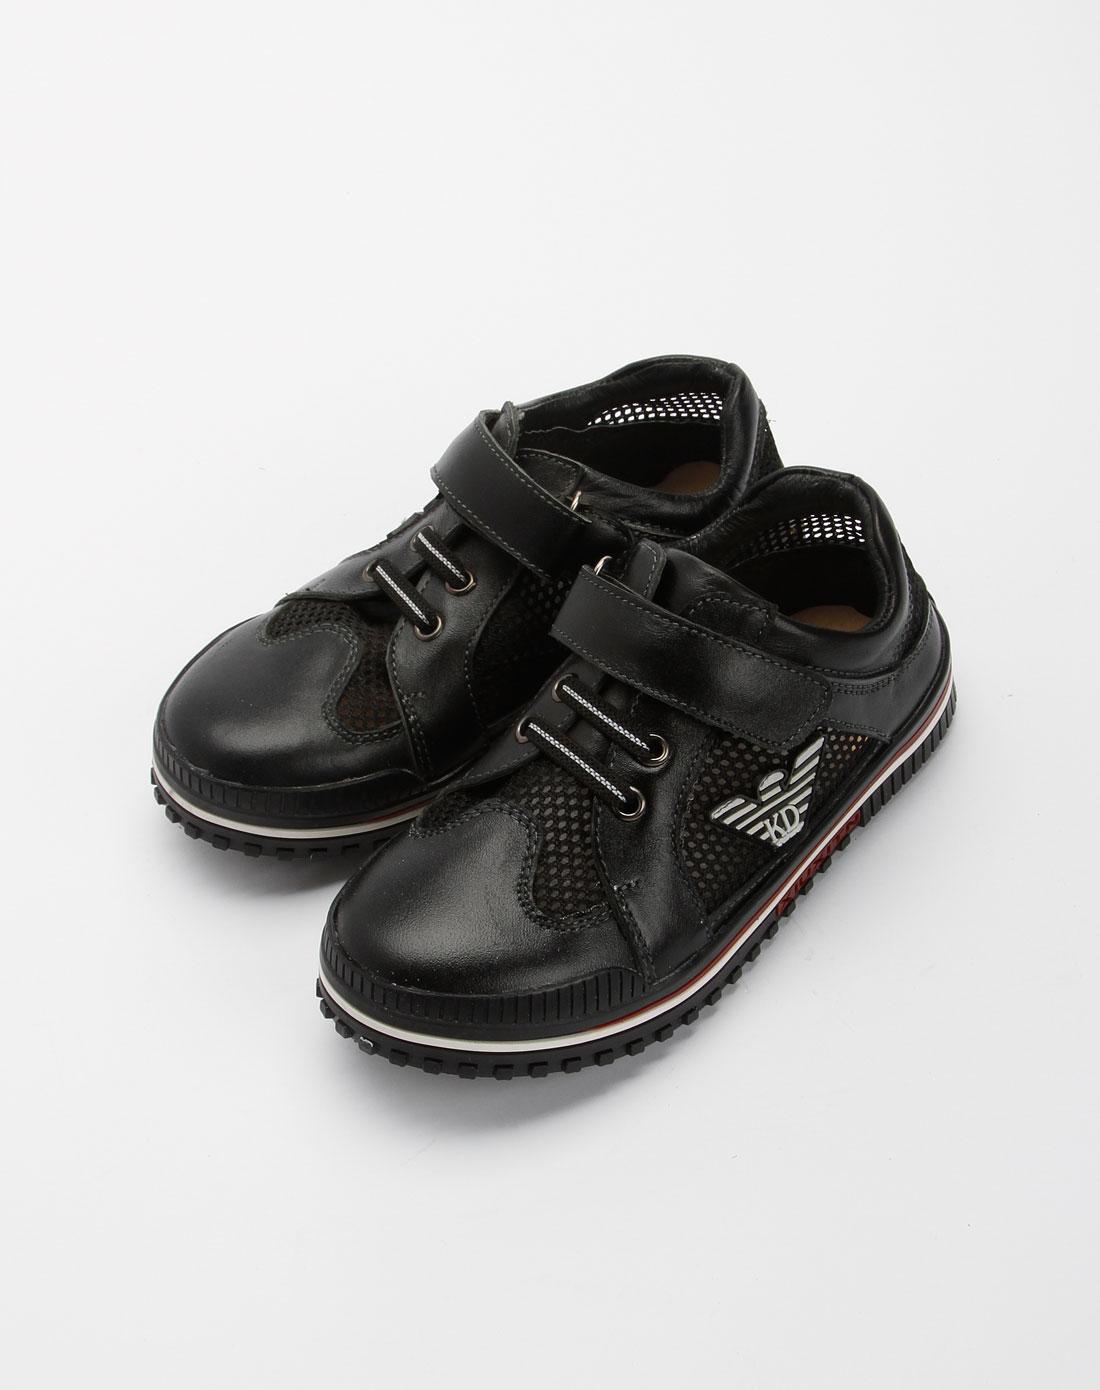 男孩子:黑色皮鞋